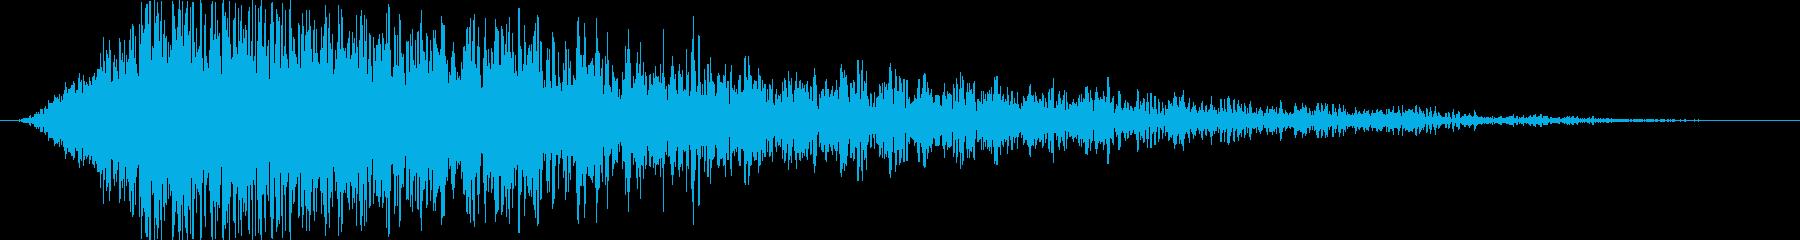 地上への流星衝突爆発の再生済みの波形